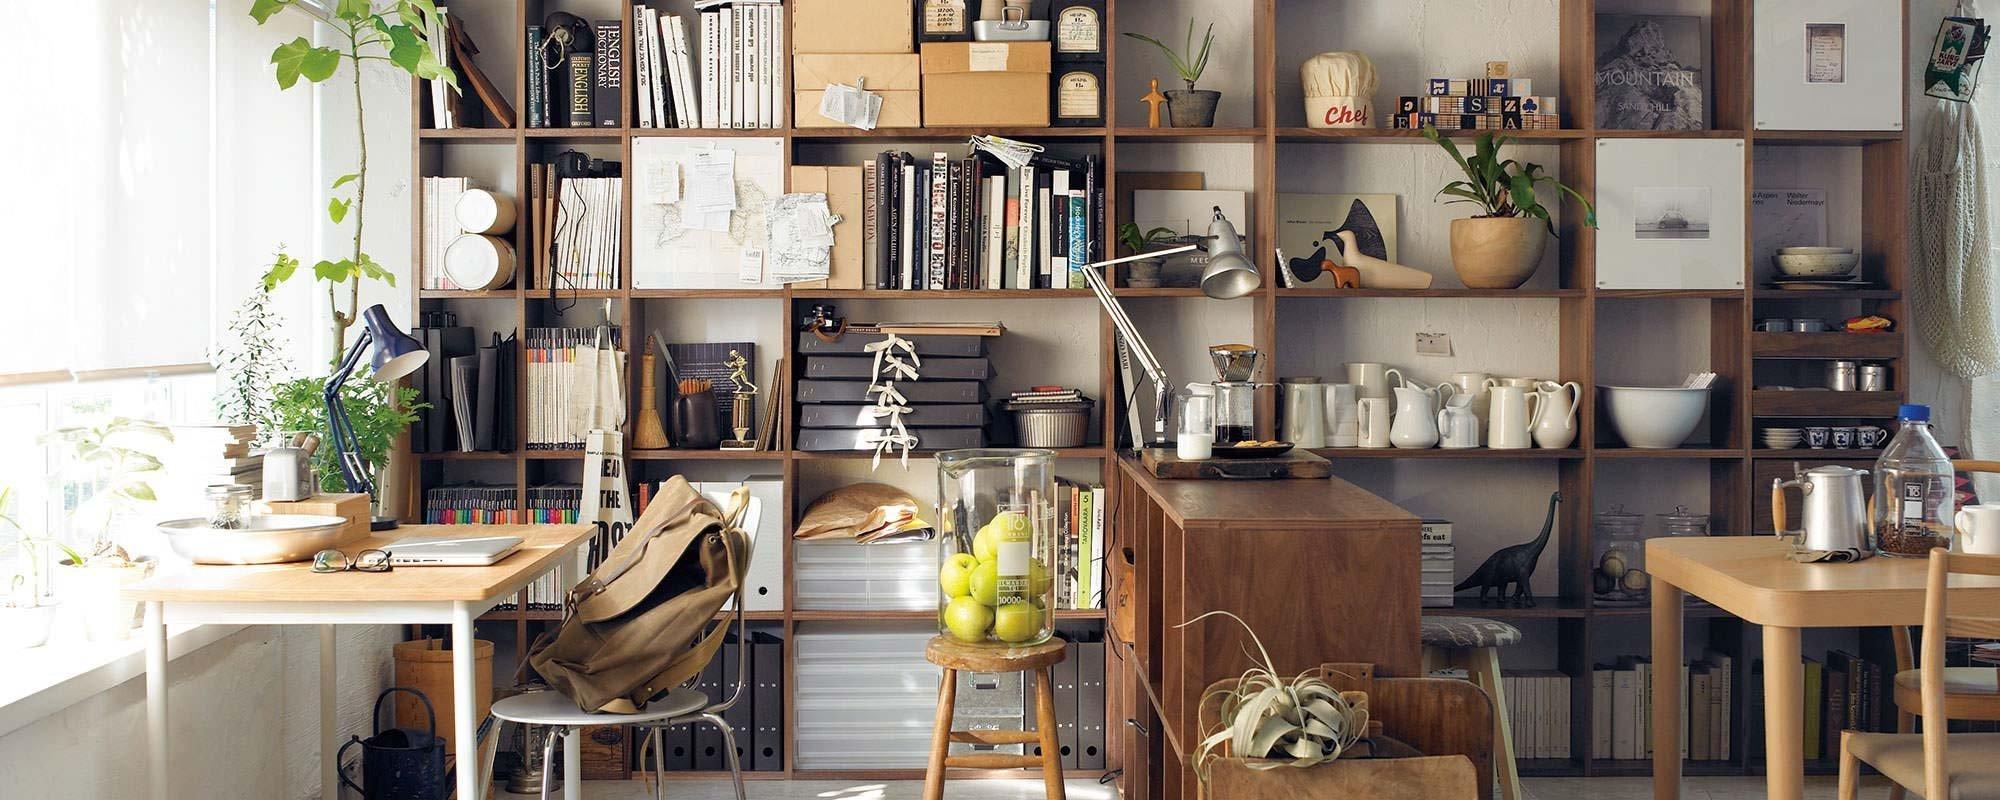 Čeho si při vstupu do domu všímají odborníci v designu? II. díl